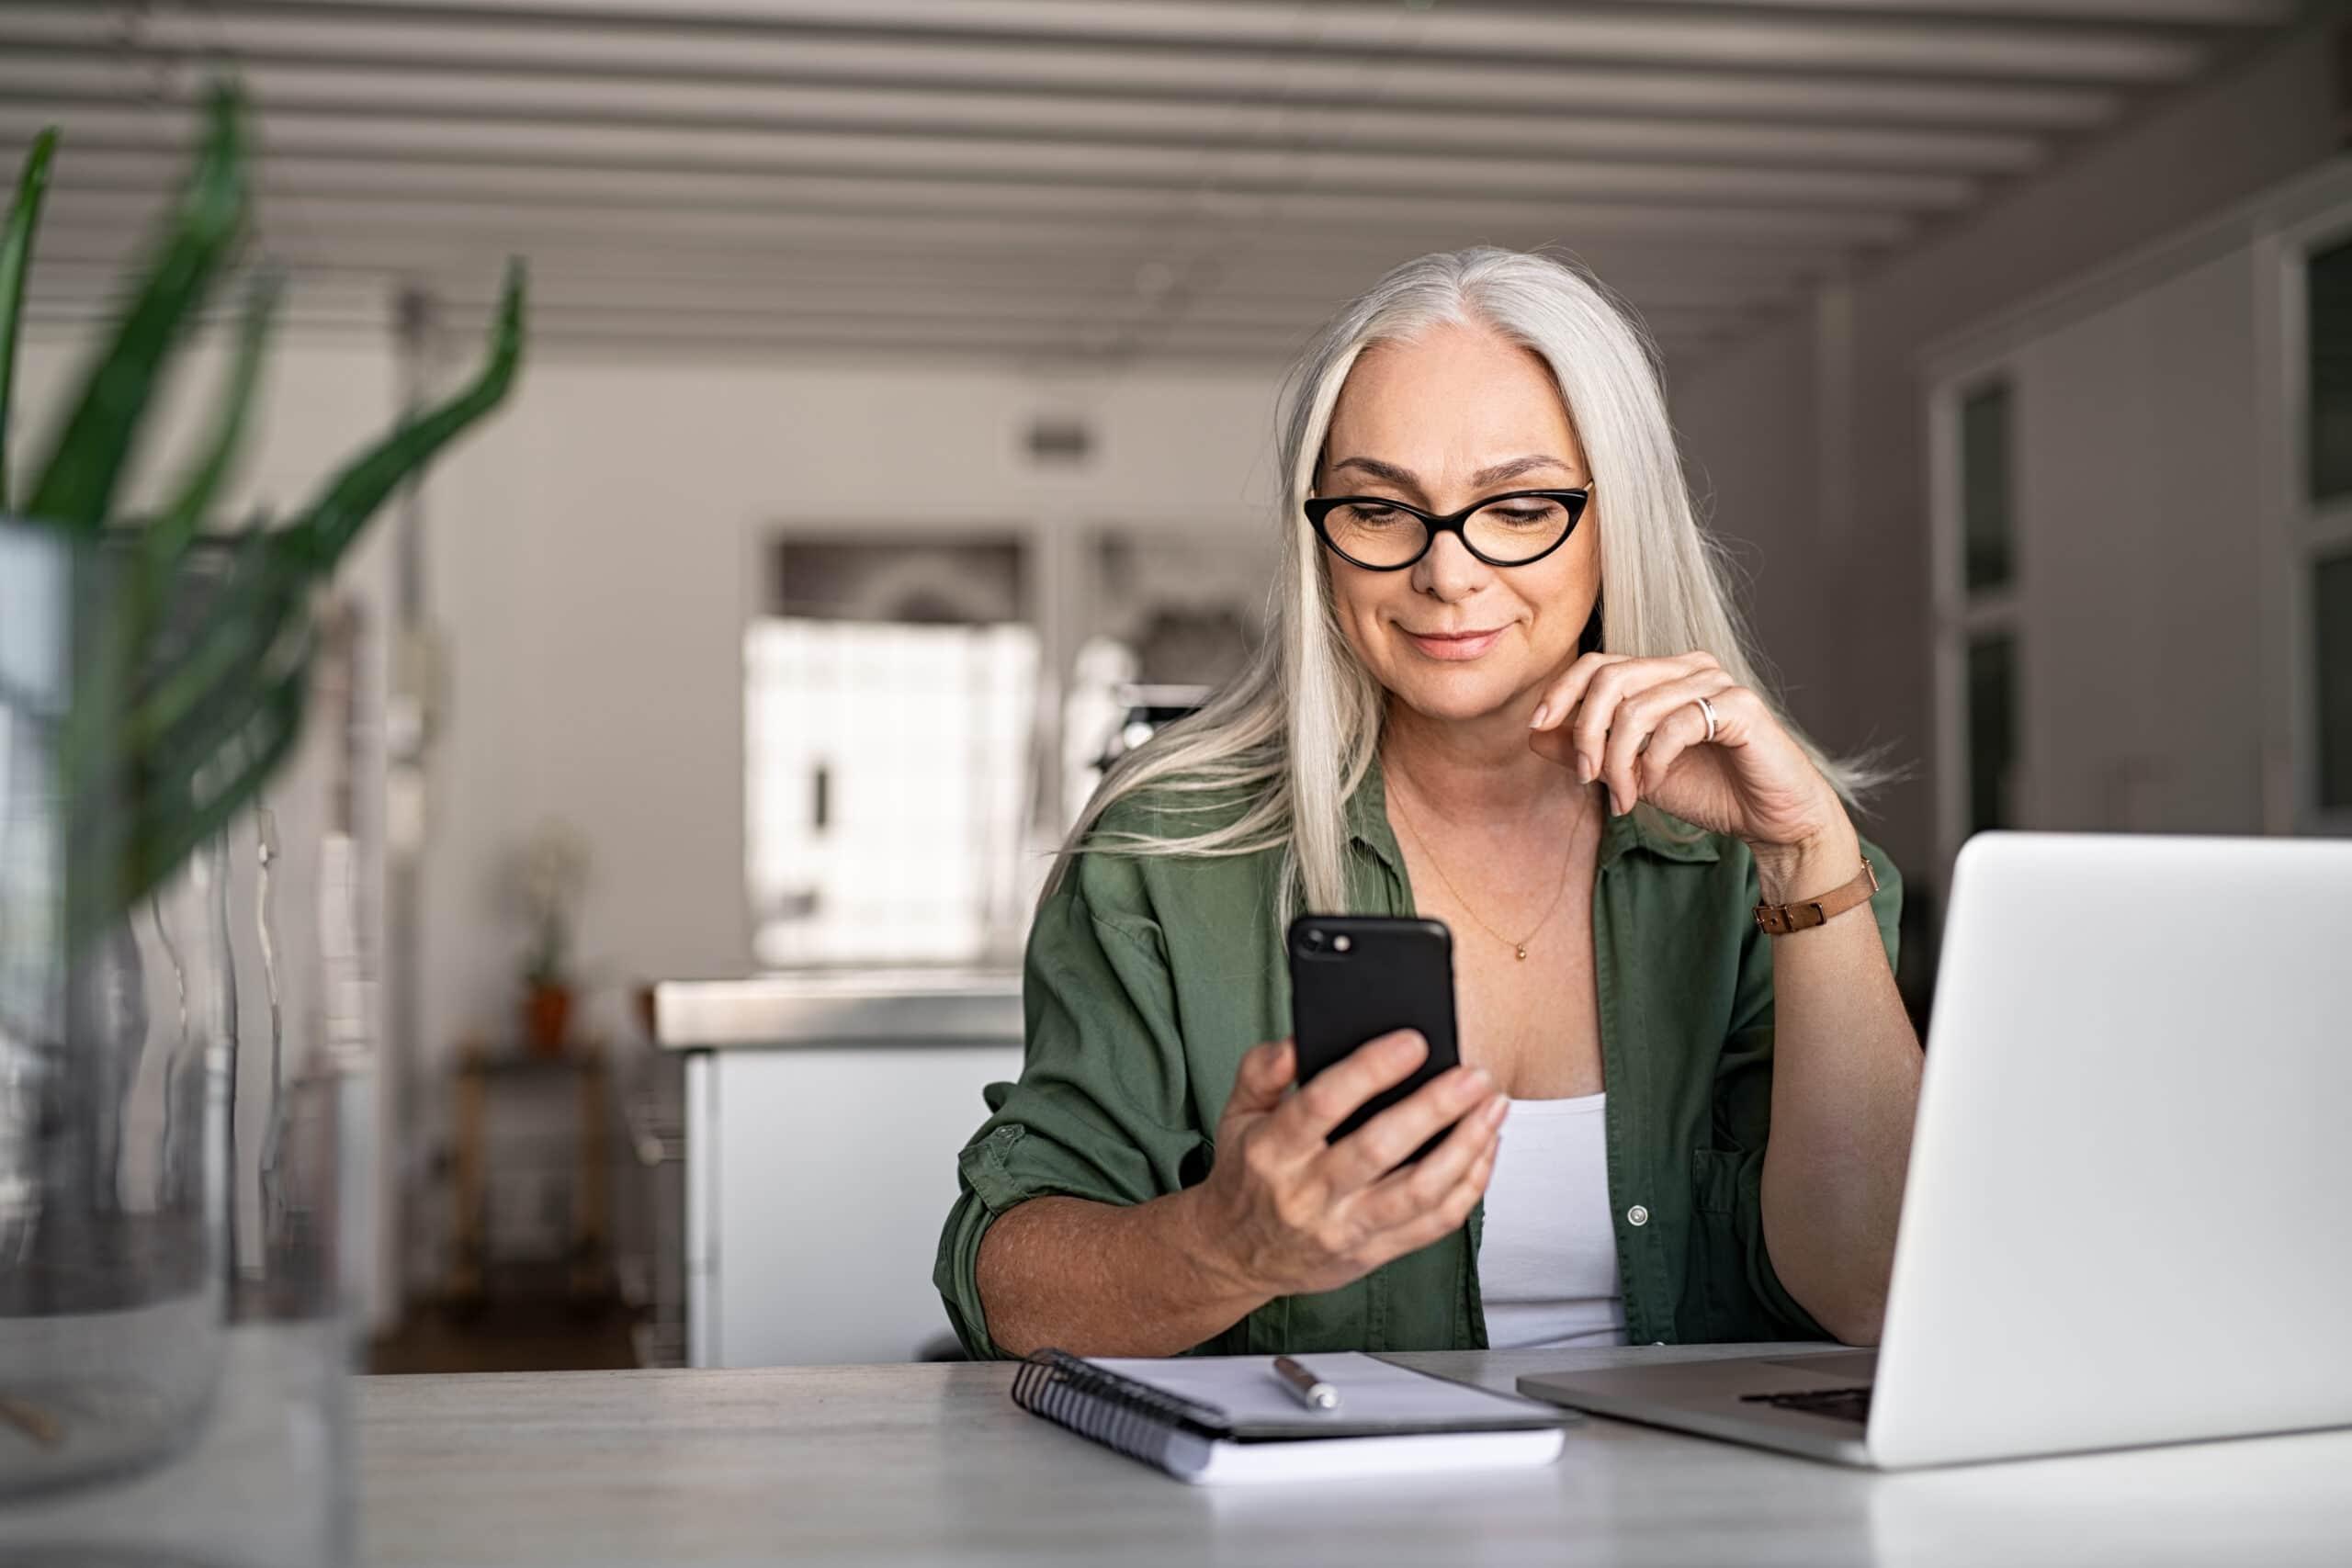 Yleisimmät työhaastattelukysymykset. Nainen valmistautuu työhaastatteluun tietokoneen ääressä.